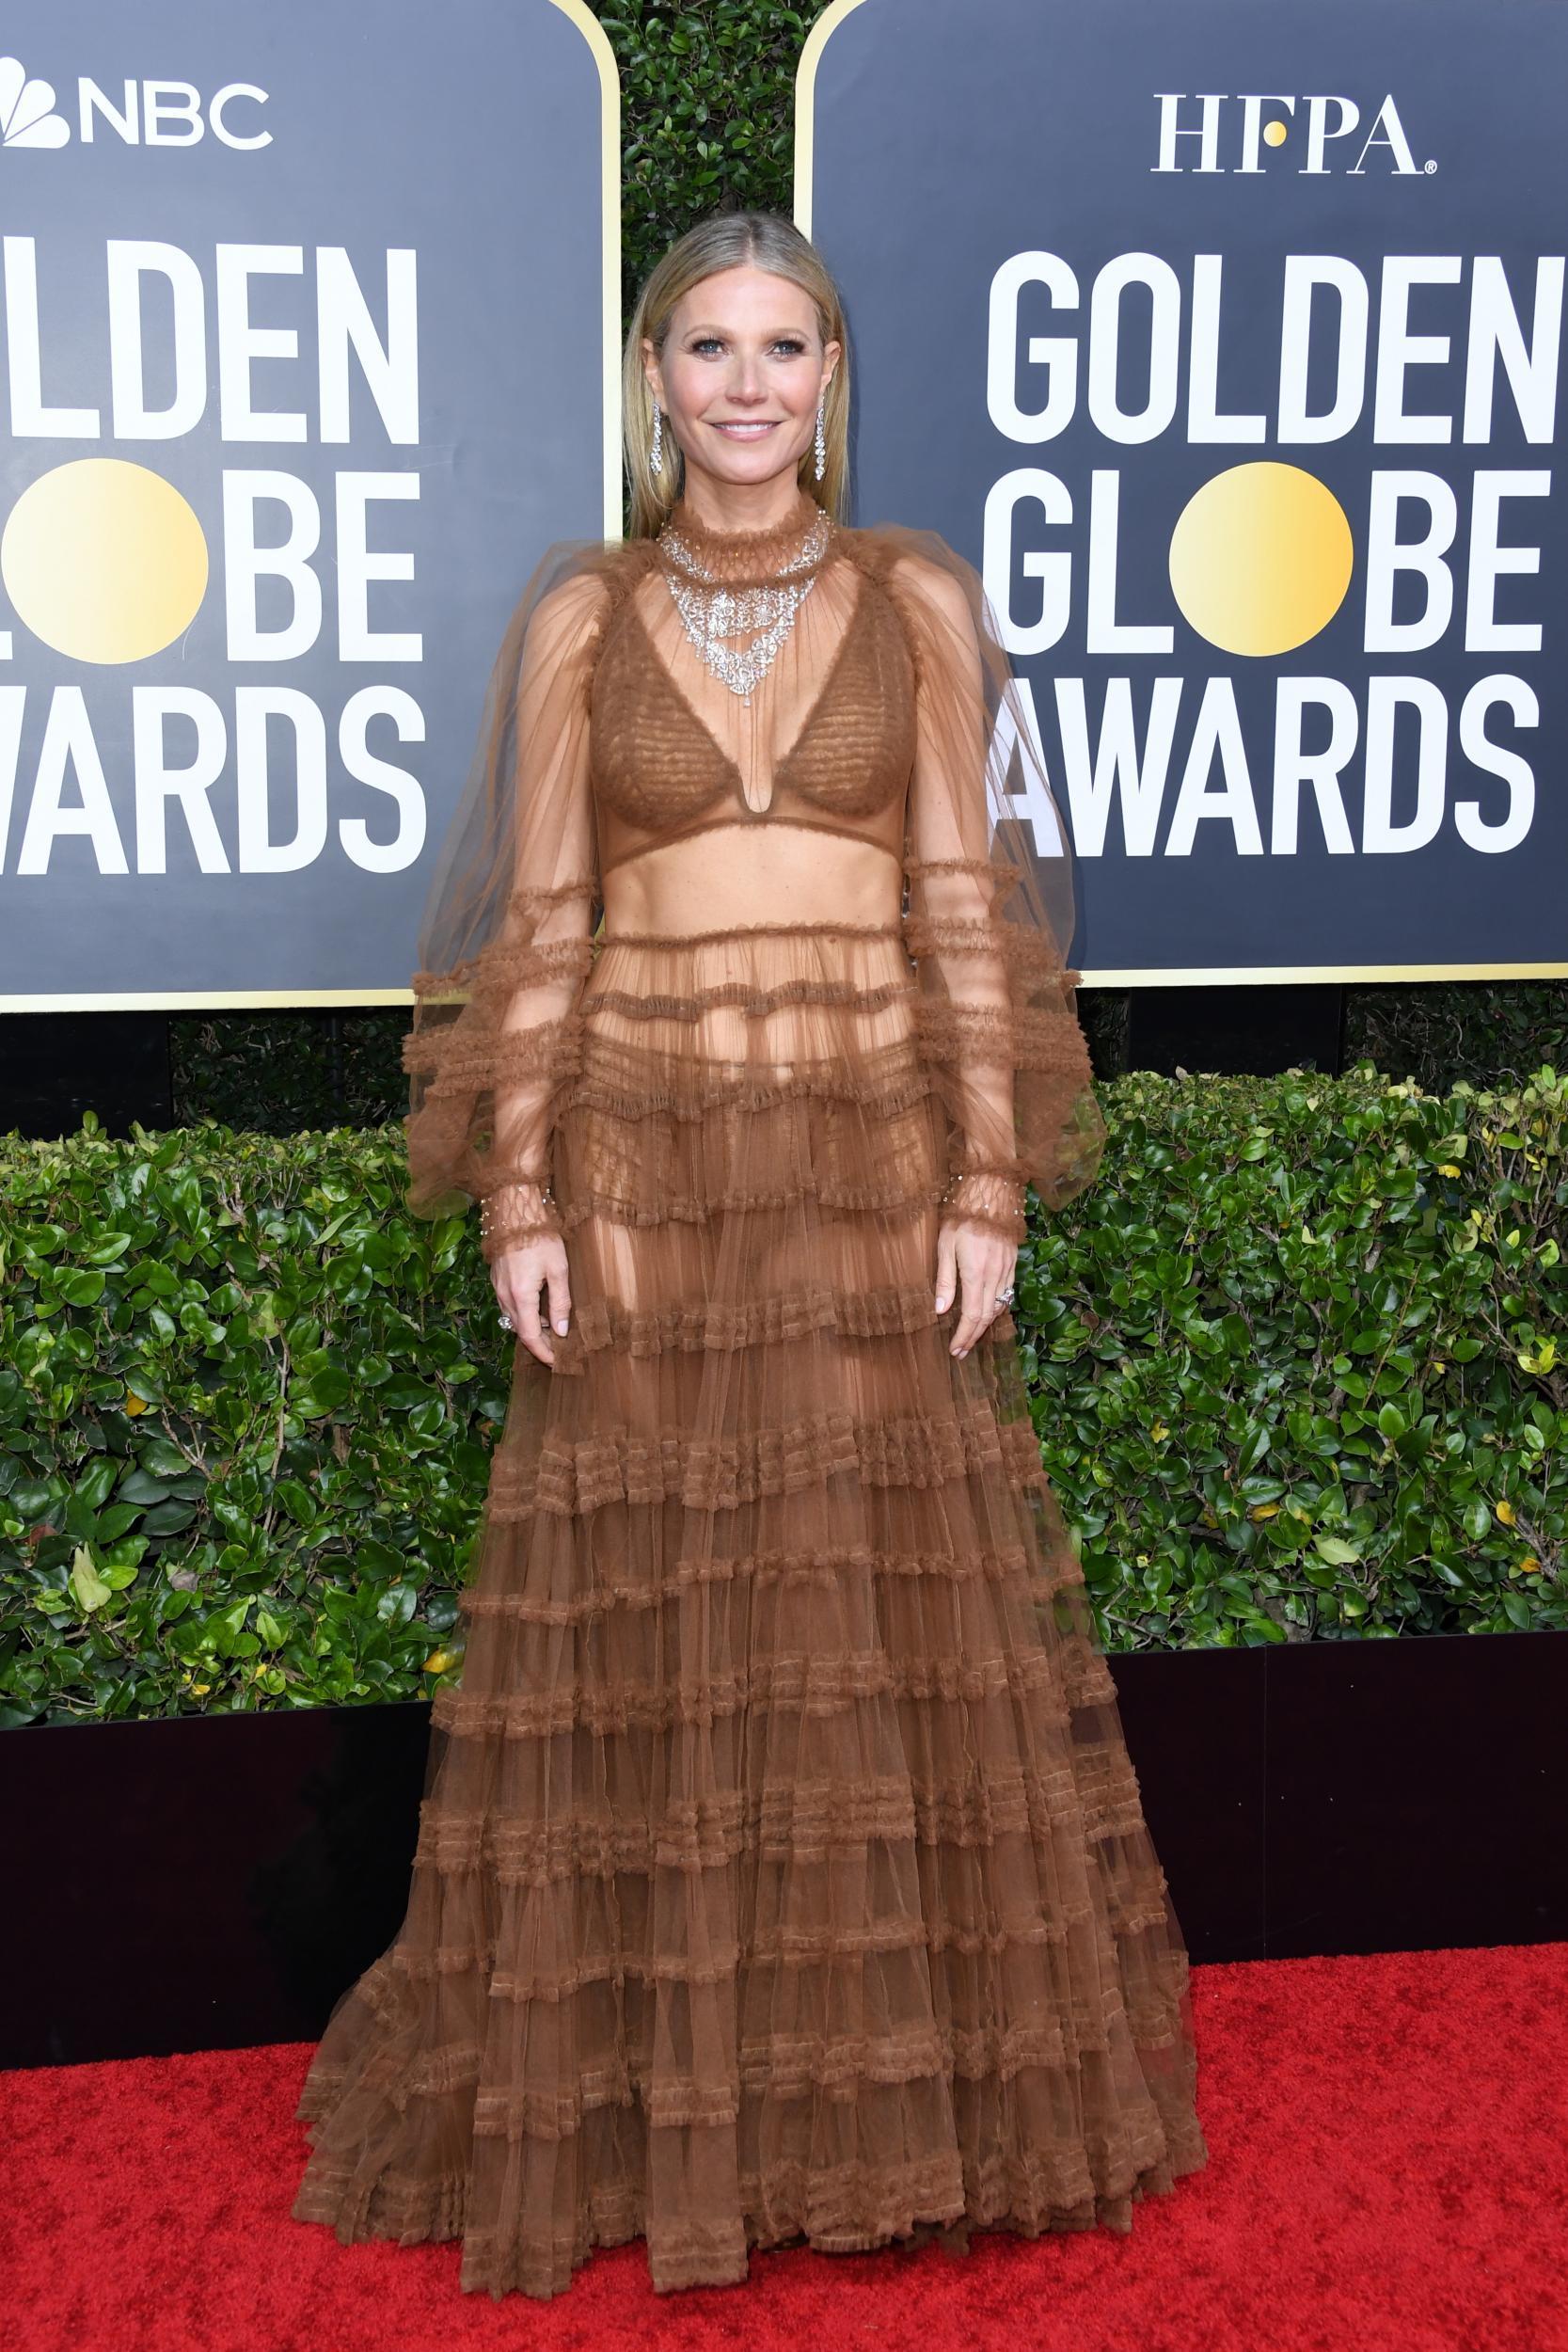 Golden Globes'